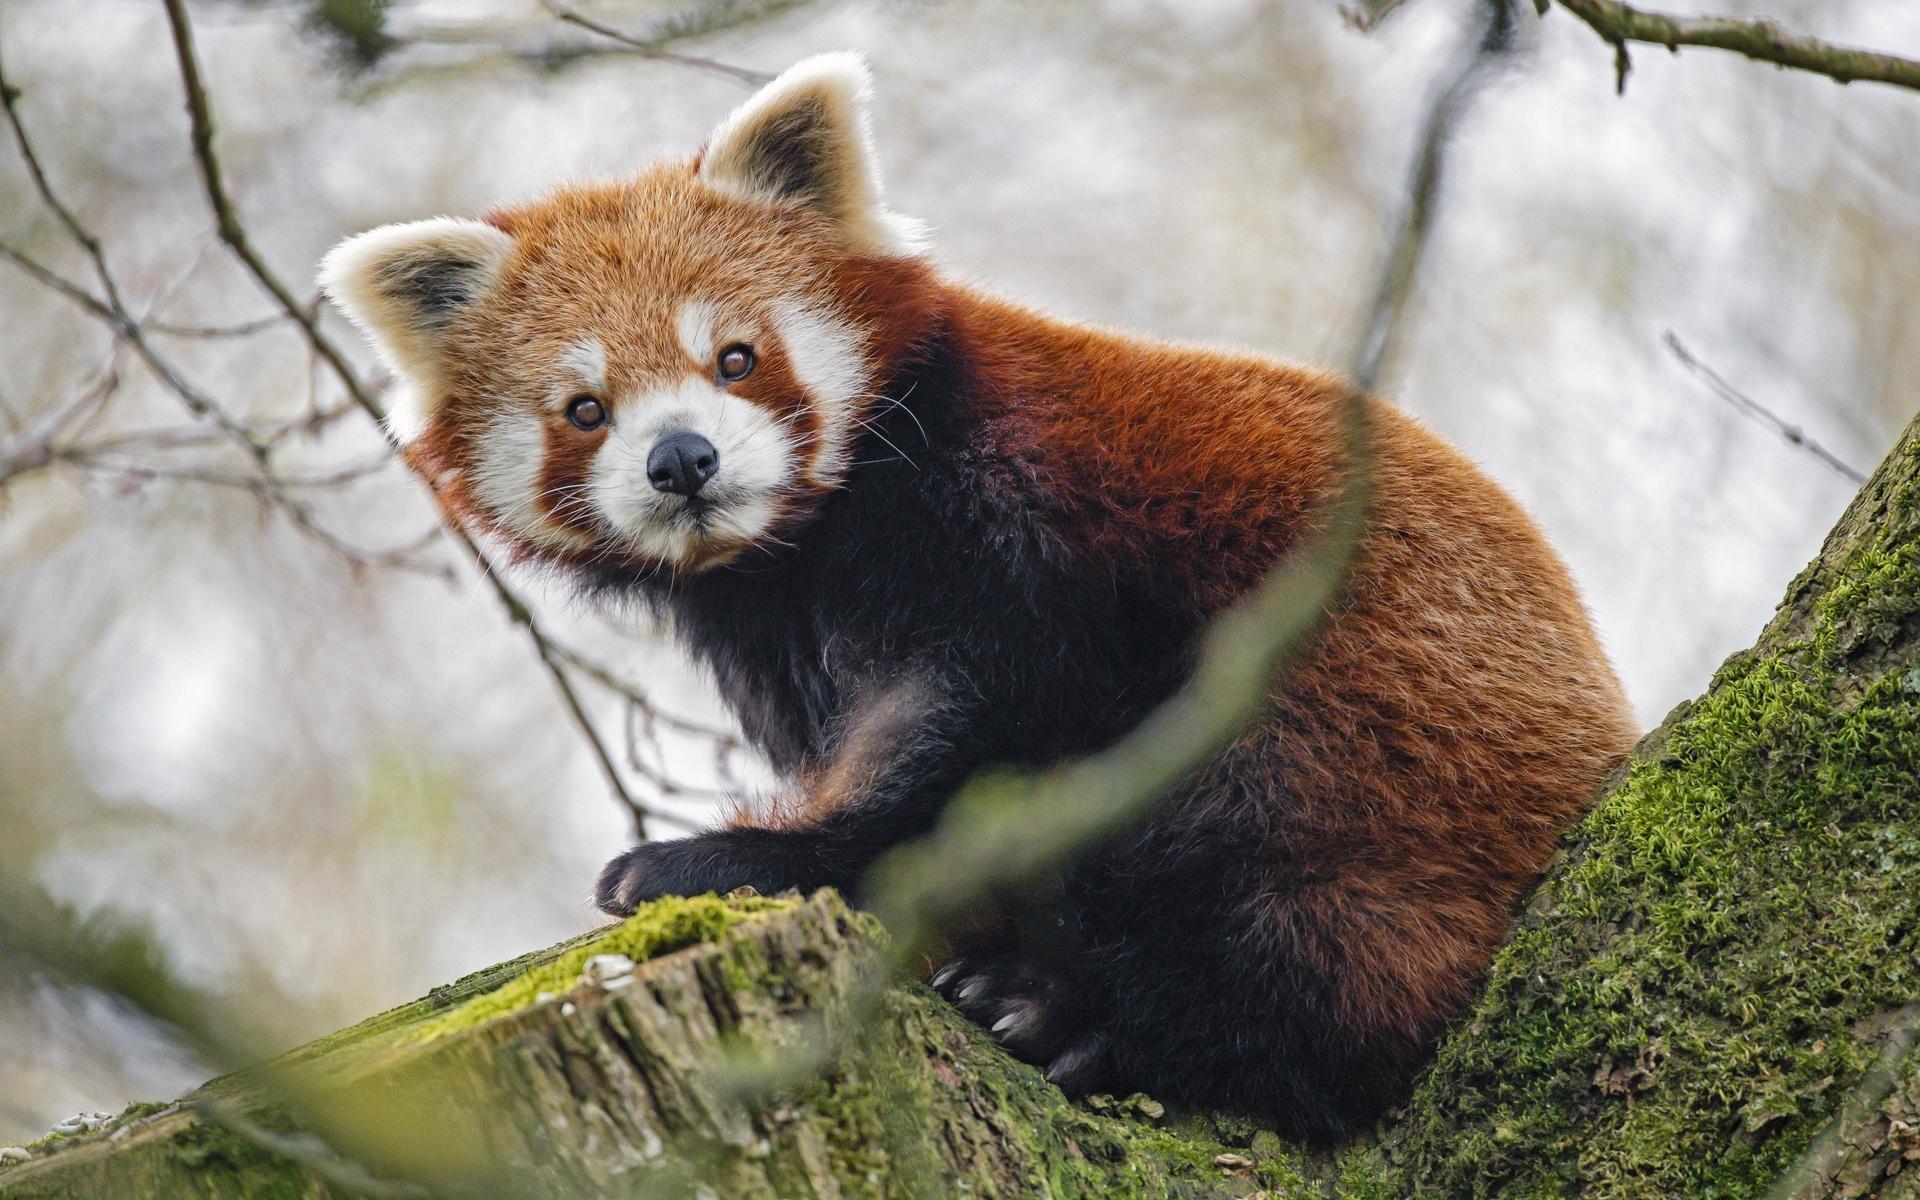 красная панда, панда, взгляд, животное